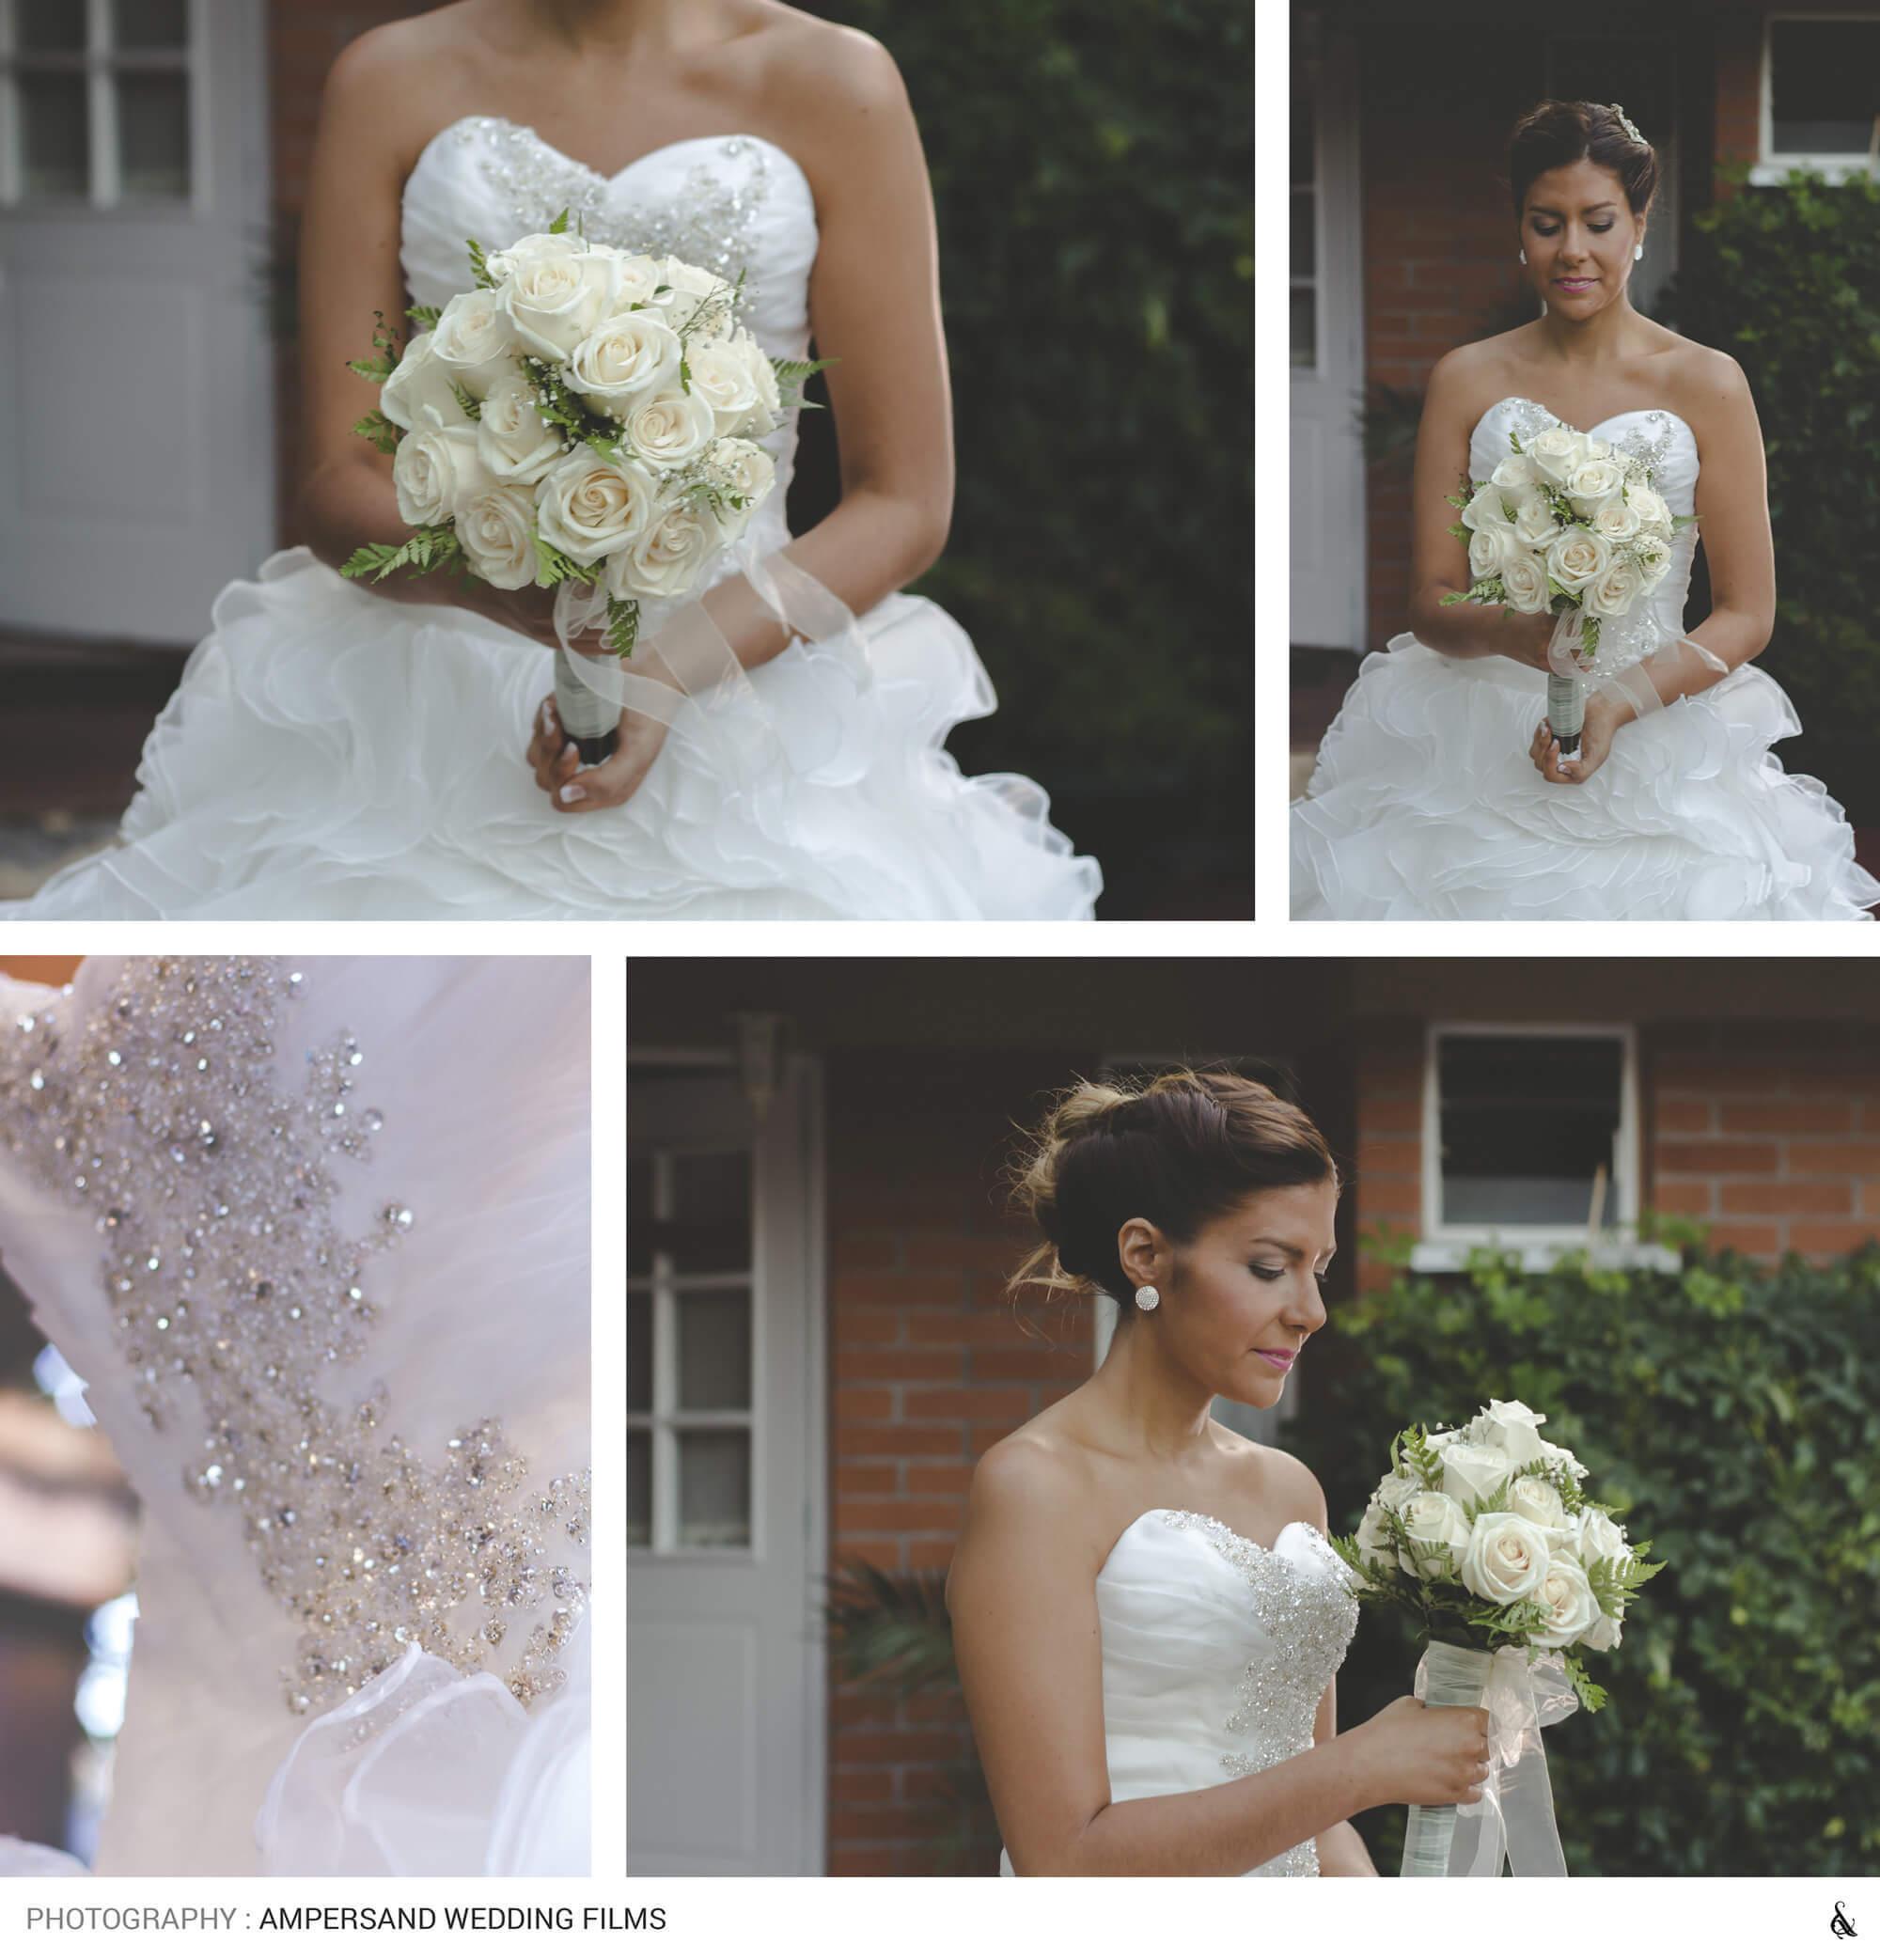 Sesión de fotografía de matrimonio preparativos novia : por @amperstudios